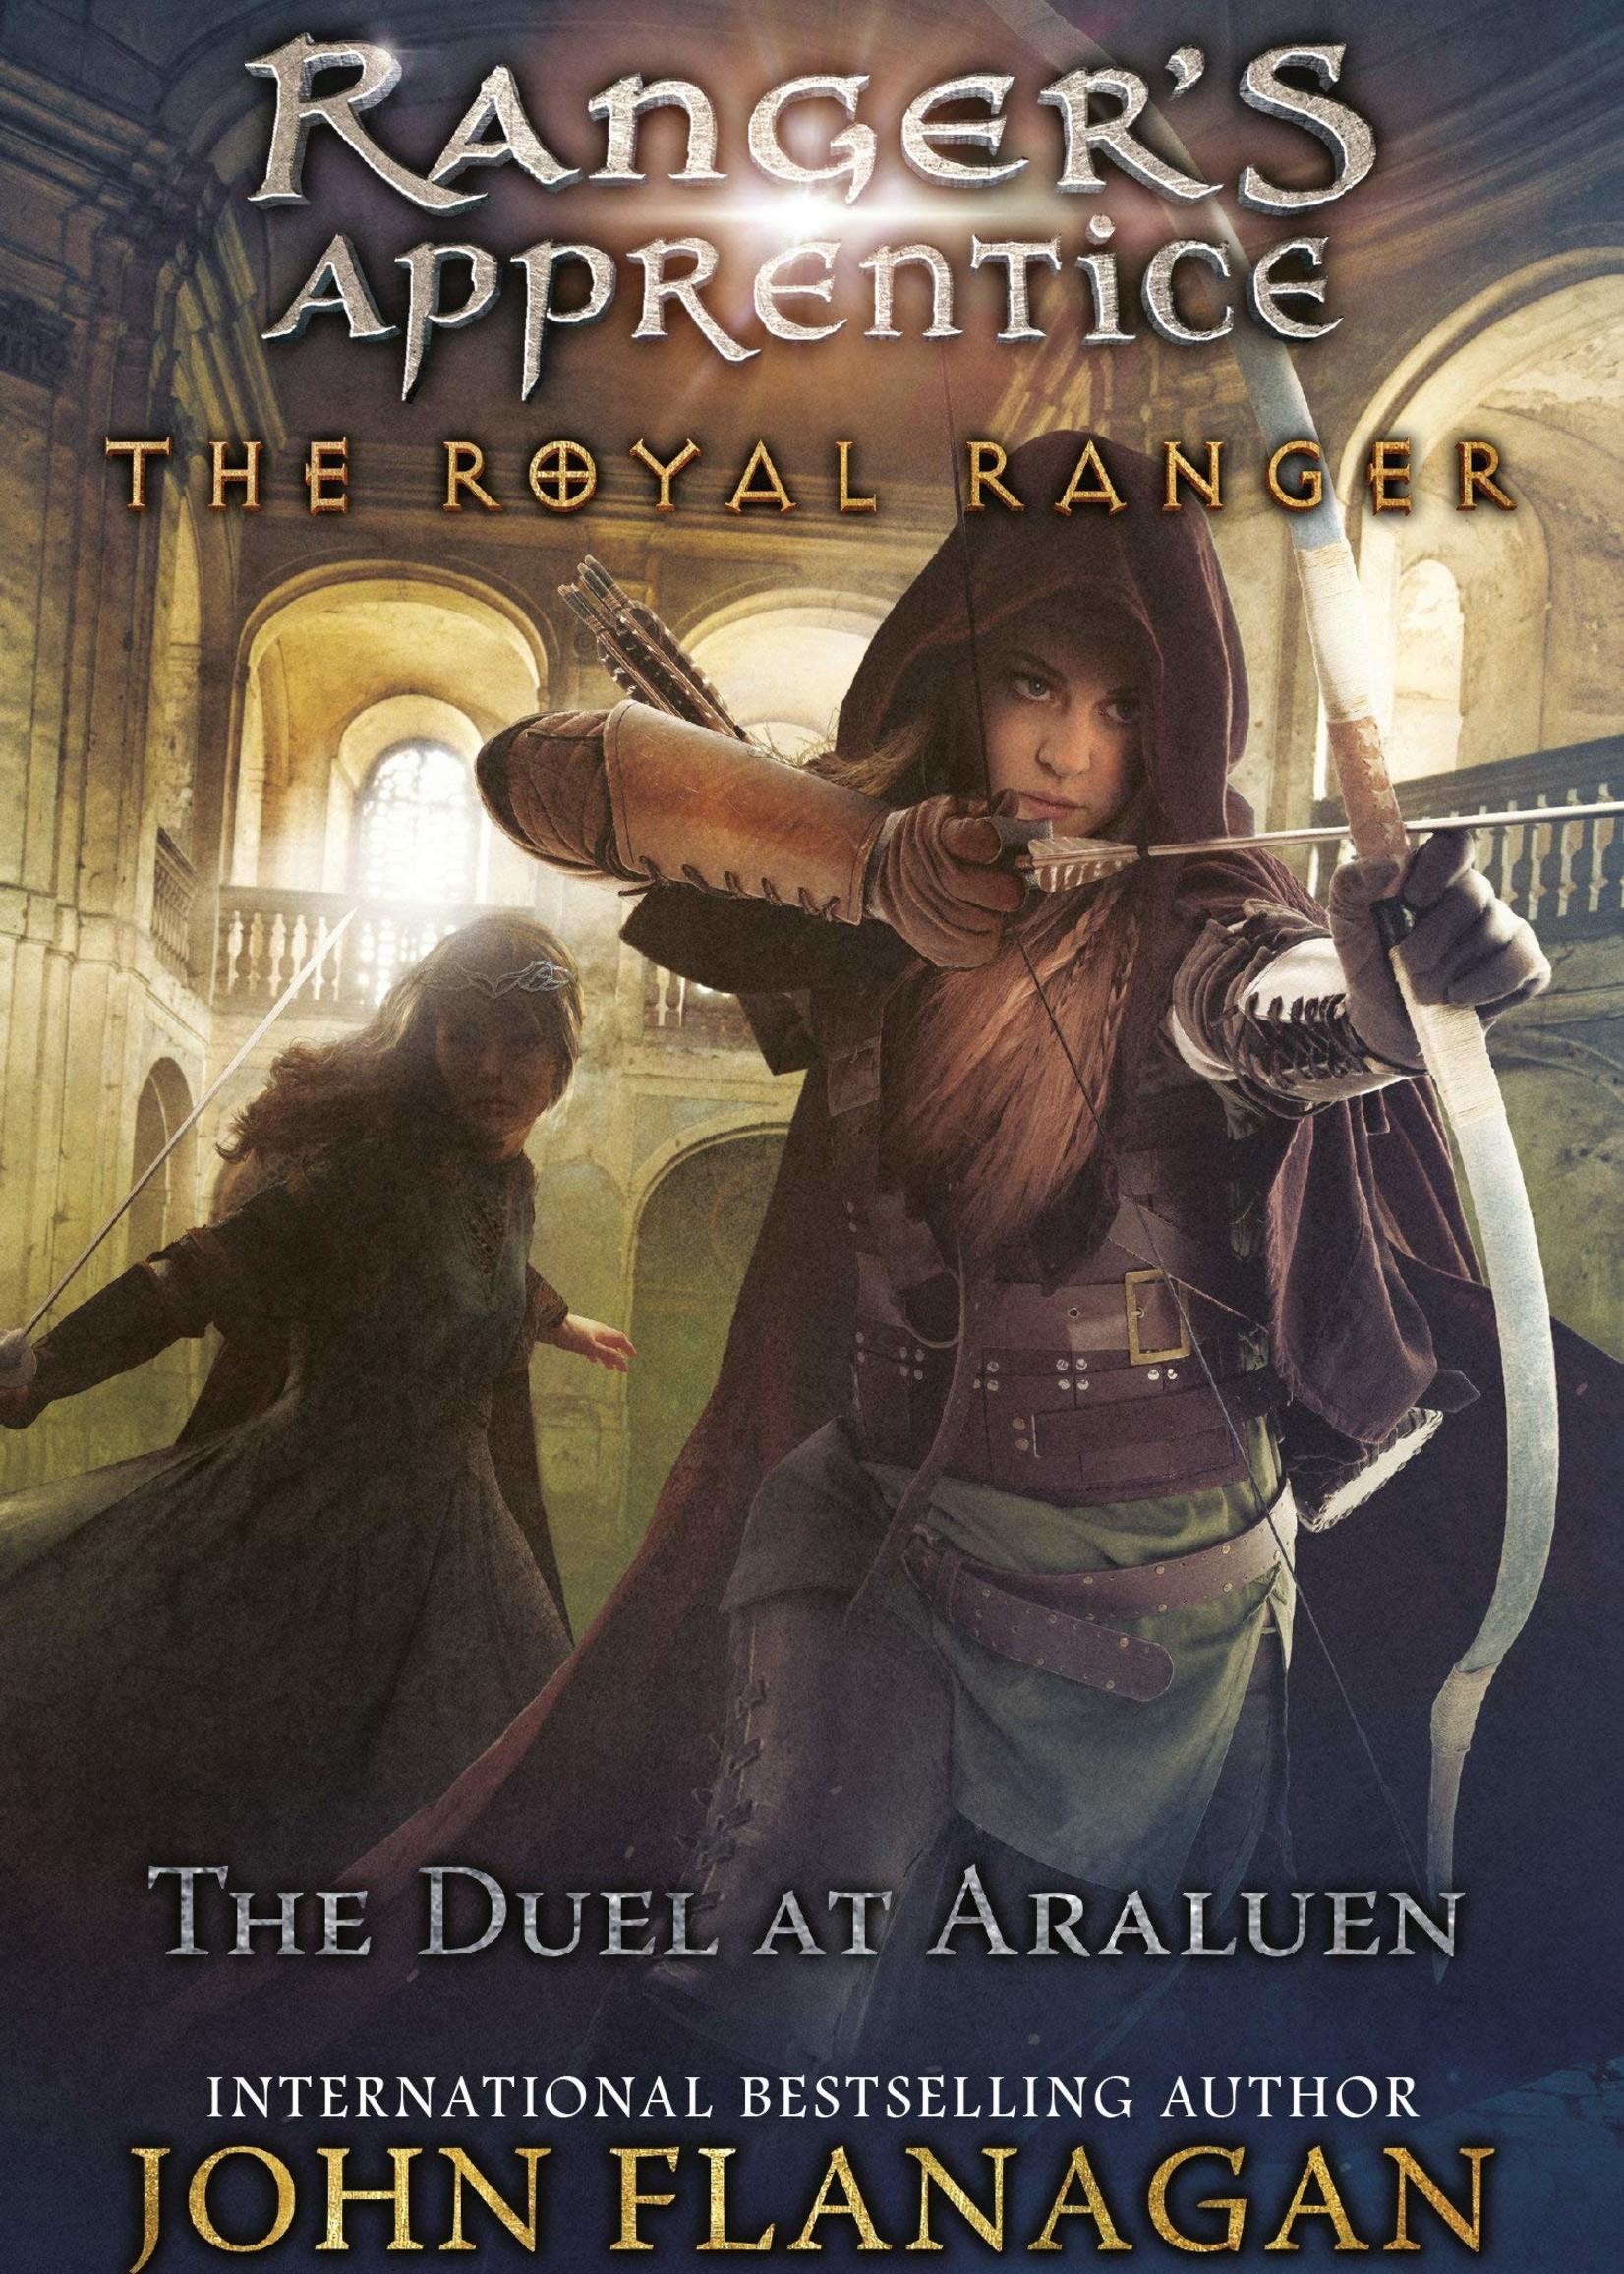 Ranger's Apprentice, The Royal Ranger #03, Duel at Araluen - Paperback